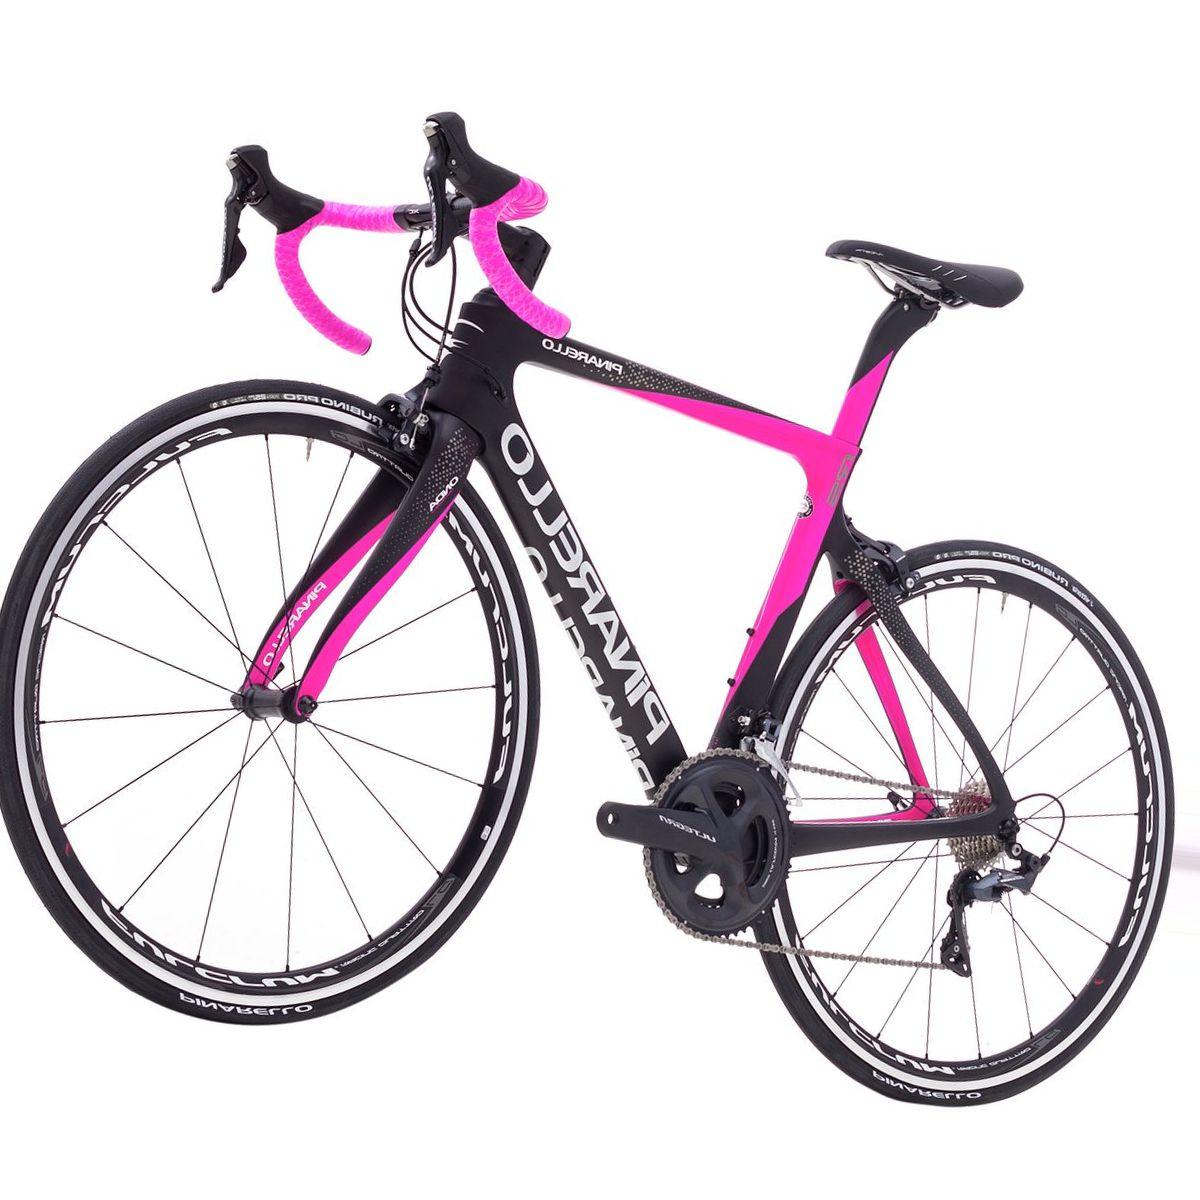 Pinarello Gan RS Easy-Fit Ultegra Road Bike - 2018 - Women's